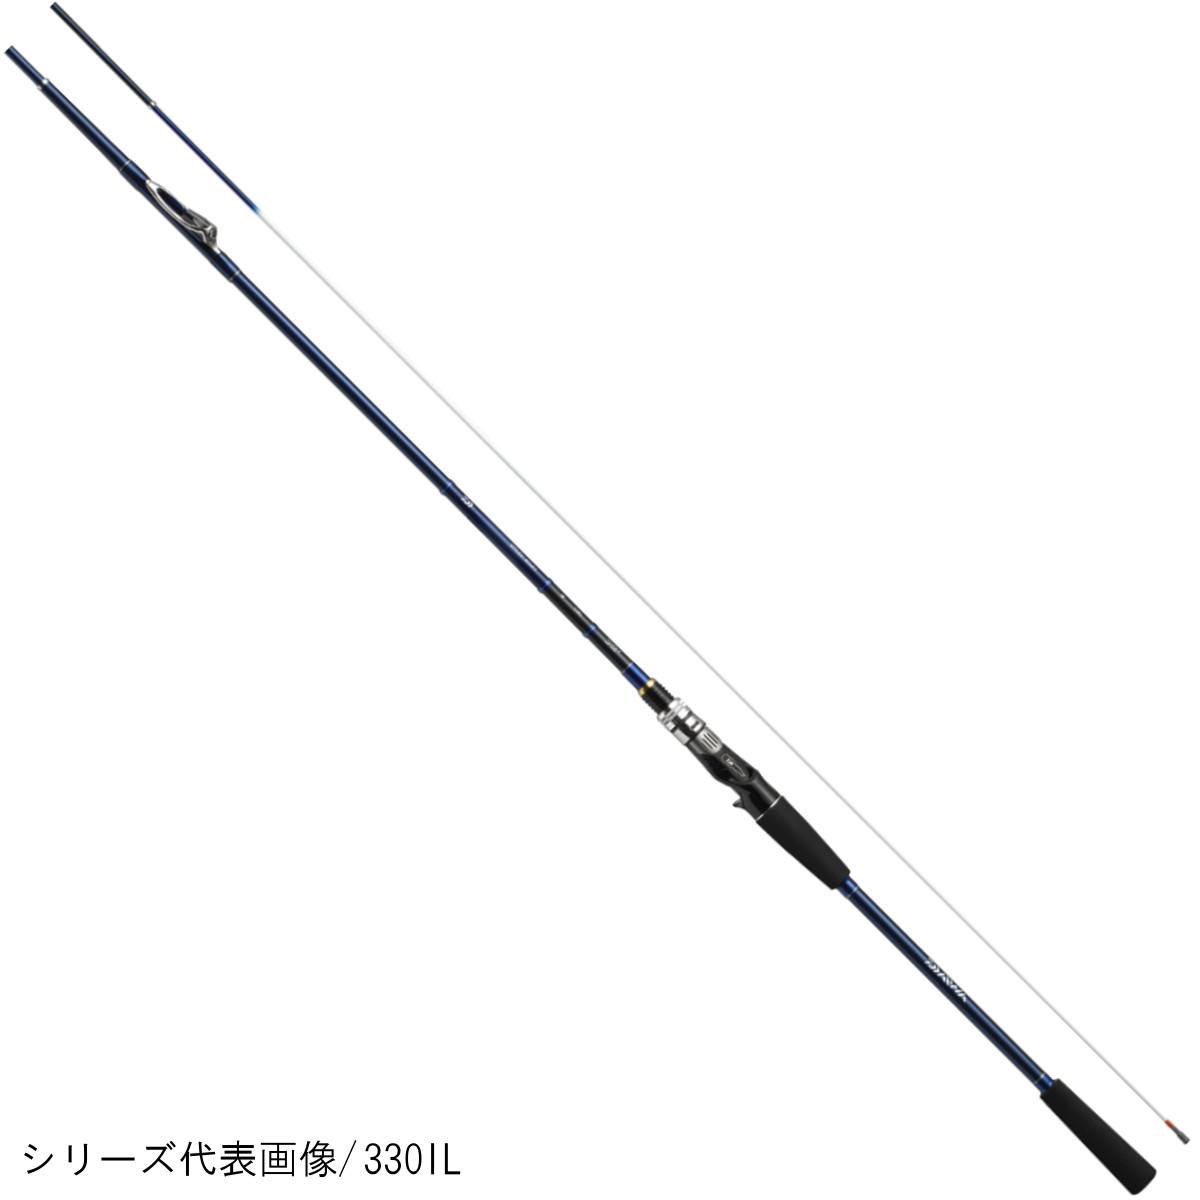 瀬戸内メバルSP 360IL ダイワ【同梱不可】